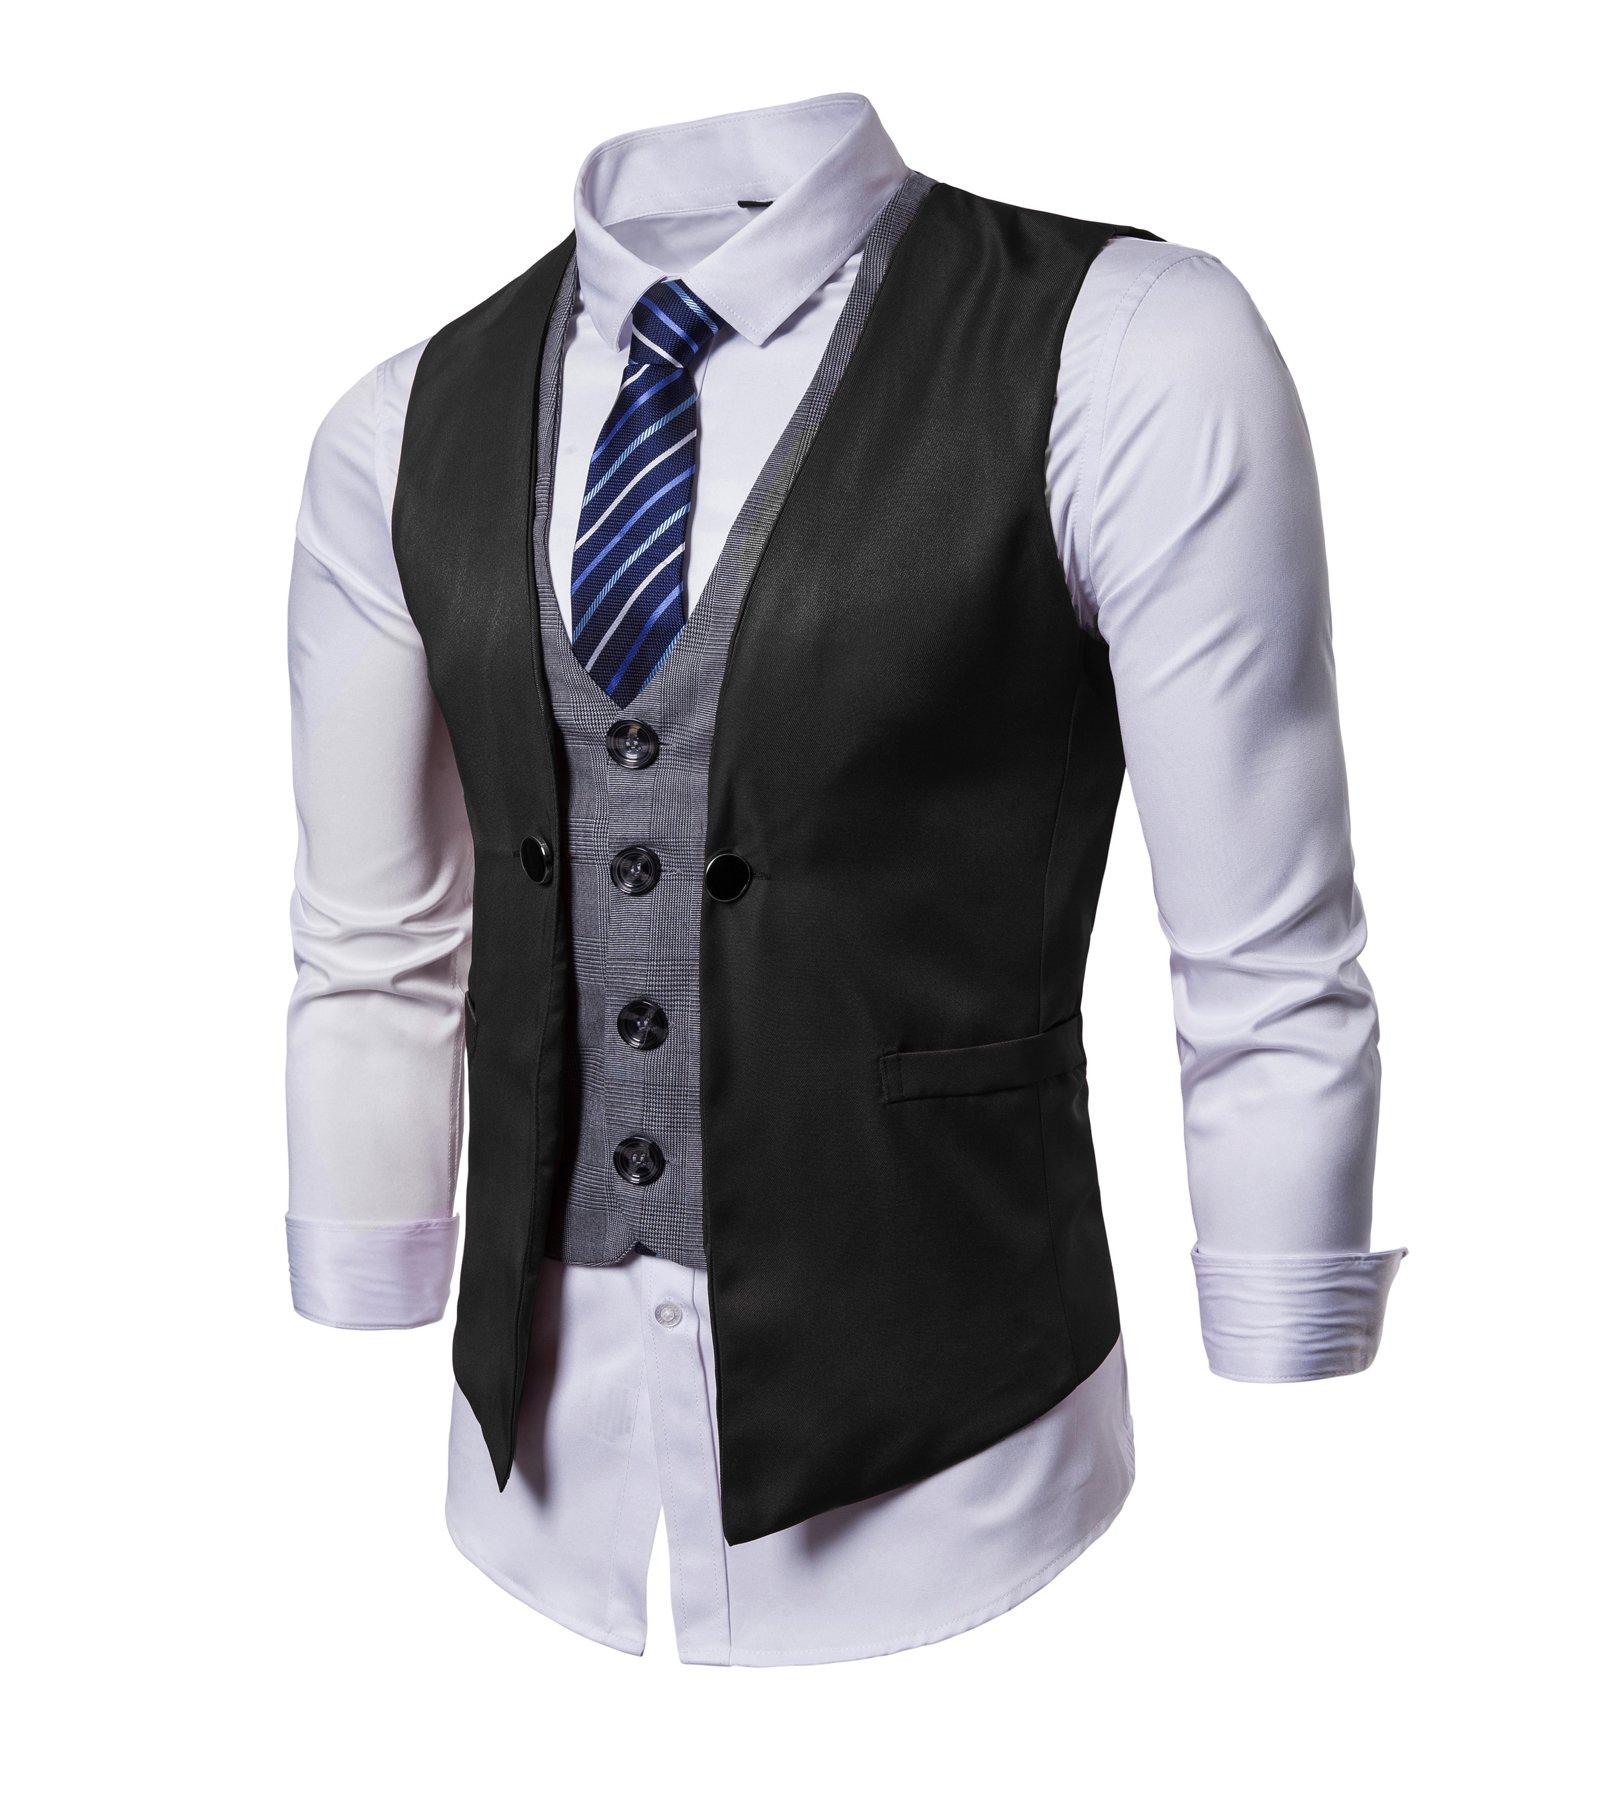 AOYOG Mens Business Suit Vests Slim Fit Button Down Vest